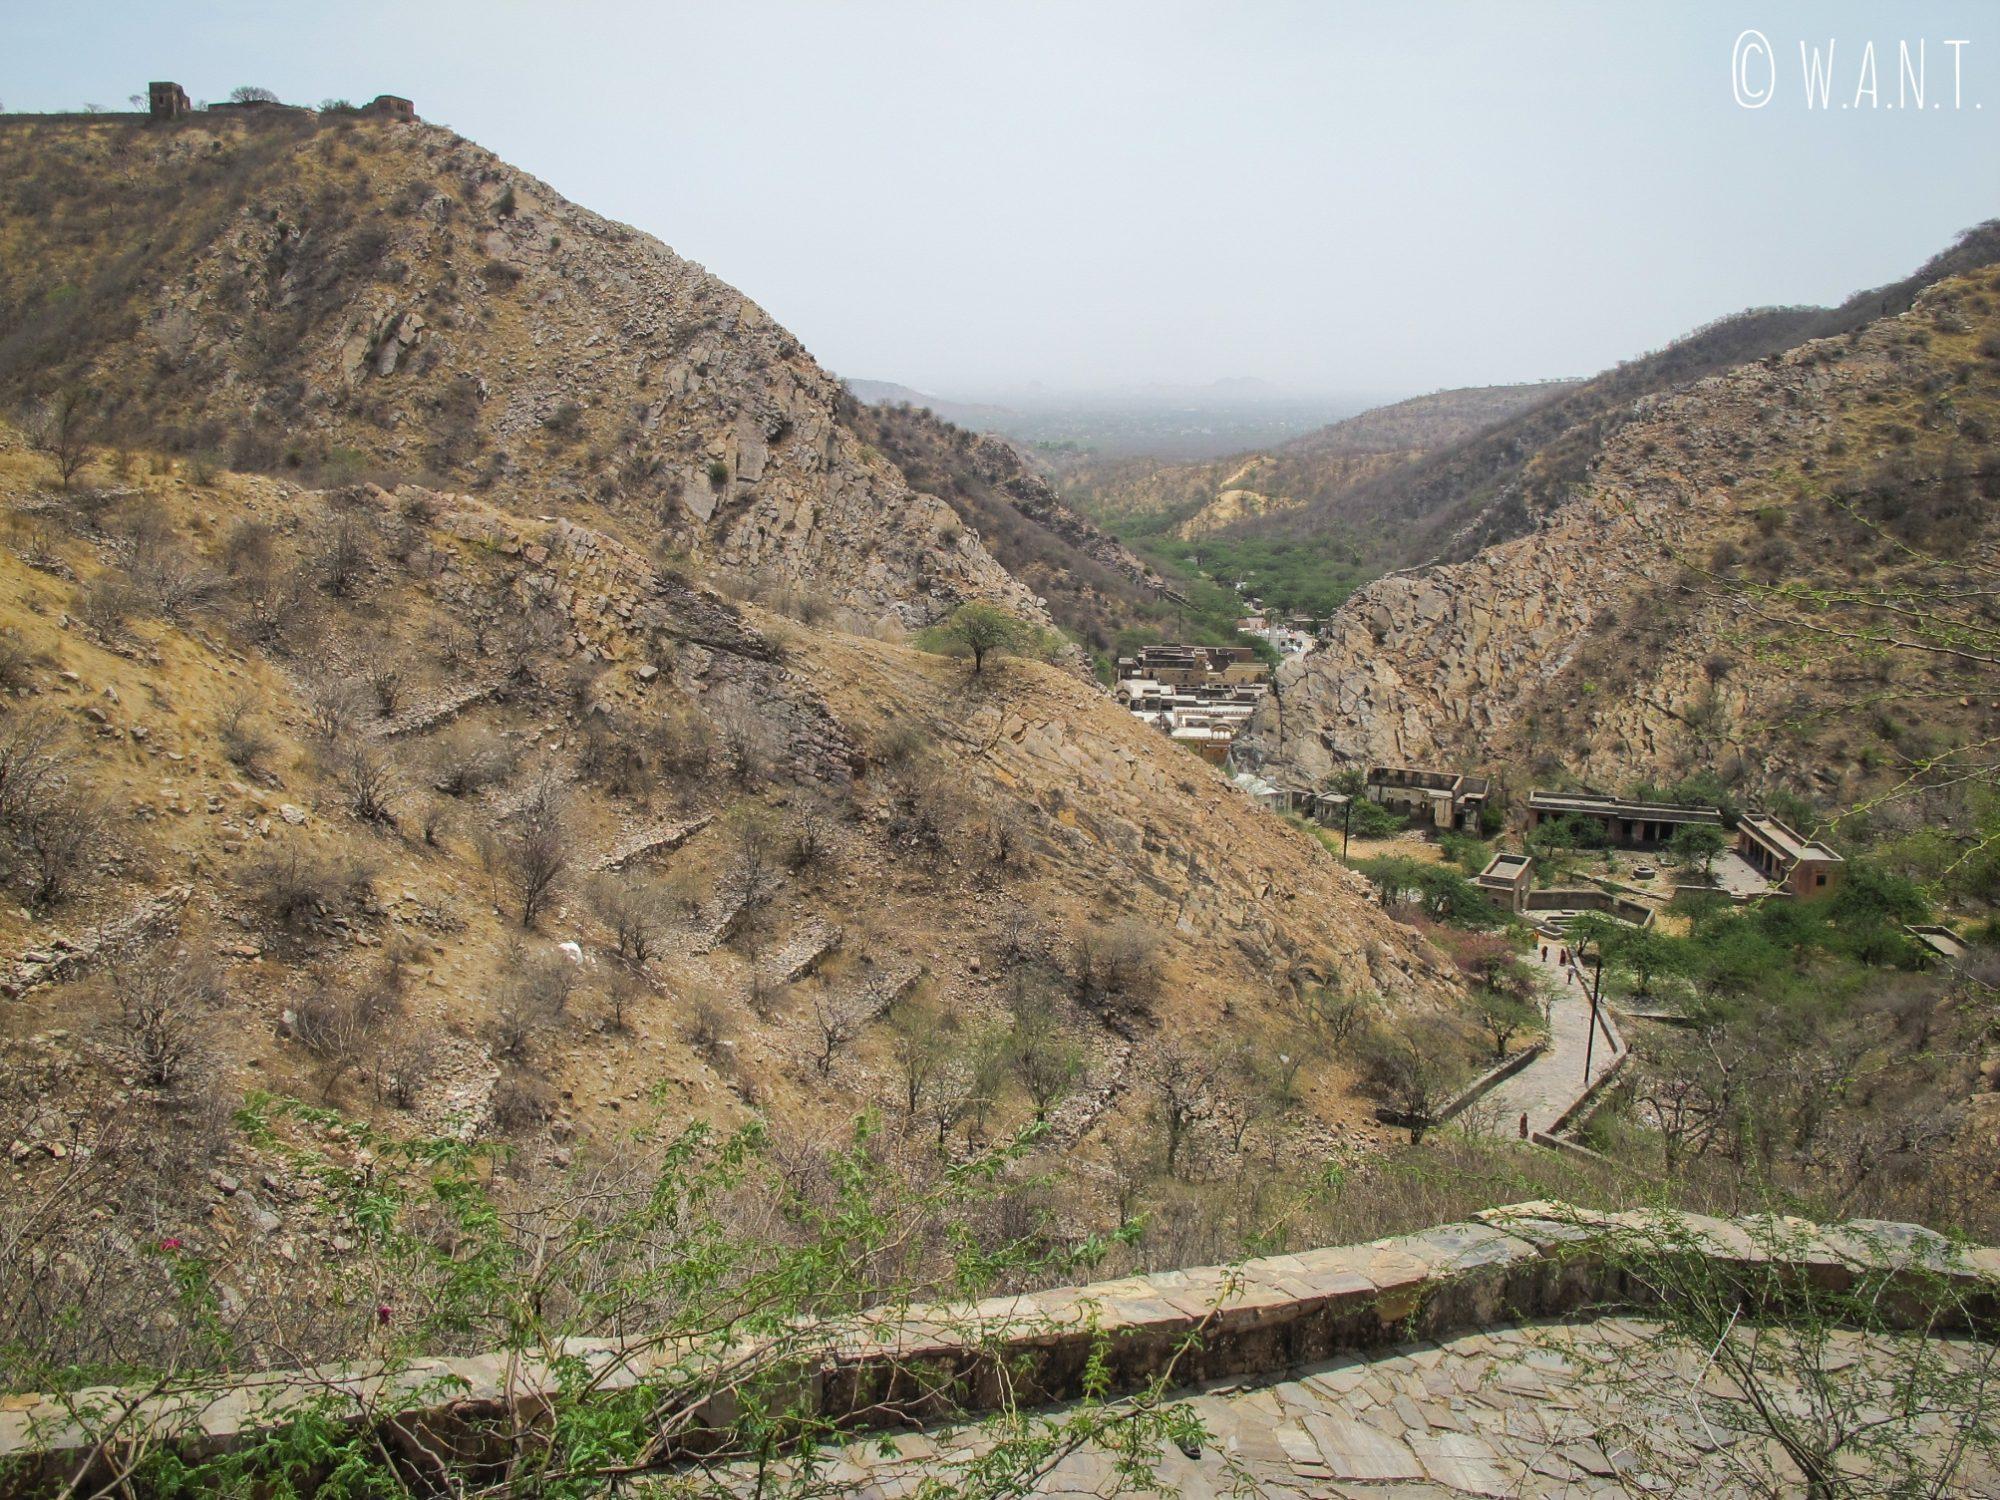 Pour accéder au Monkey temple par la façade avant, il faut grimper puis redescendre à travers la colline